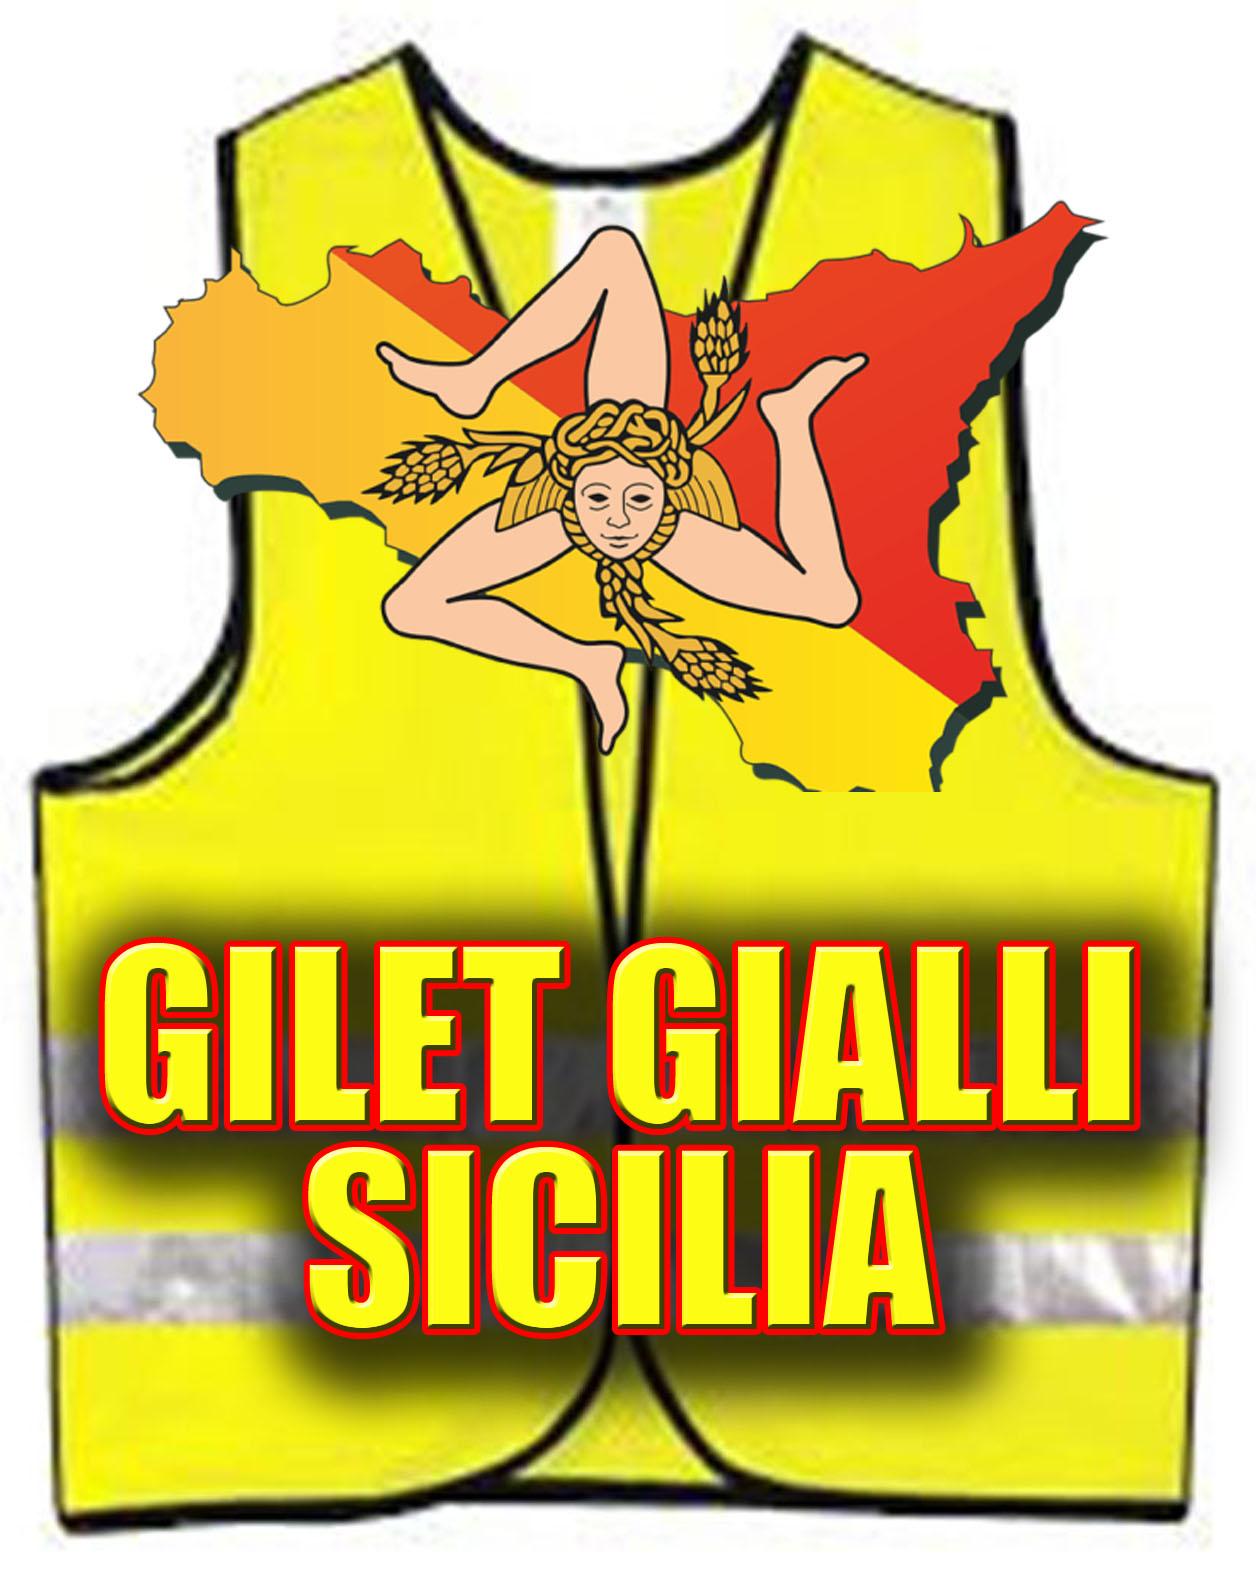 Gilet Gialli Sicilia